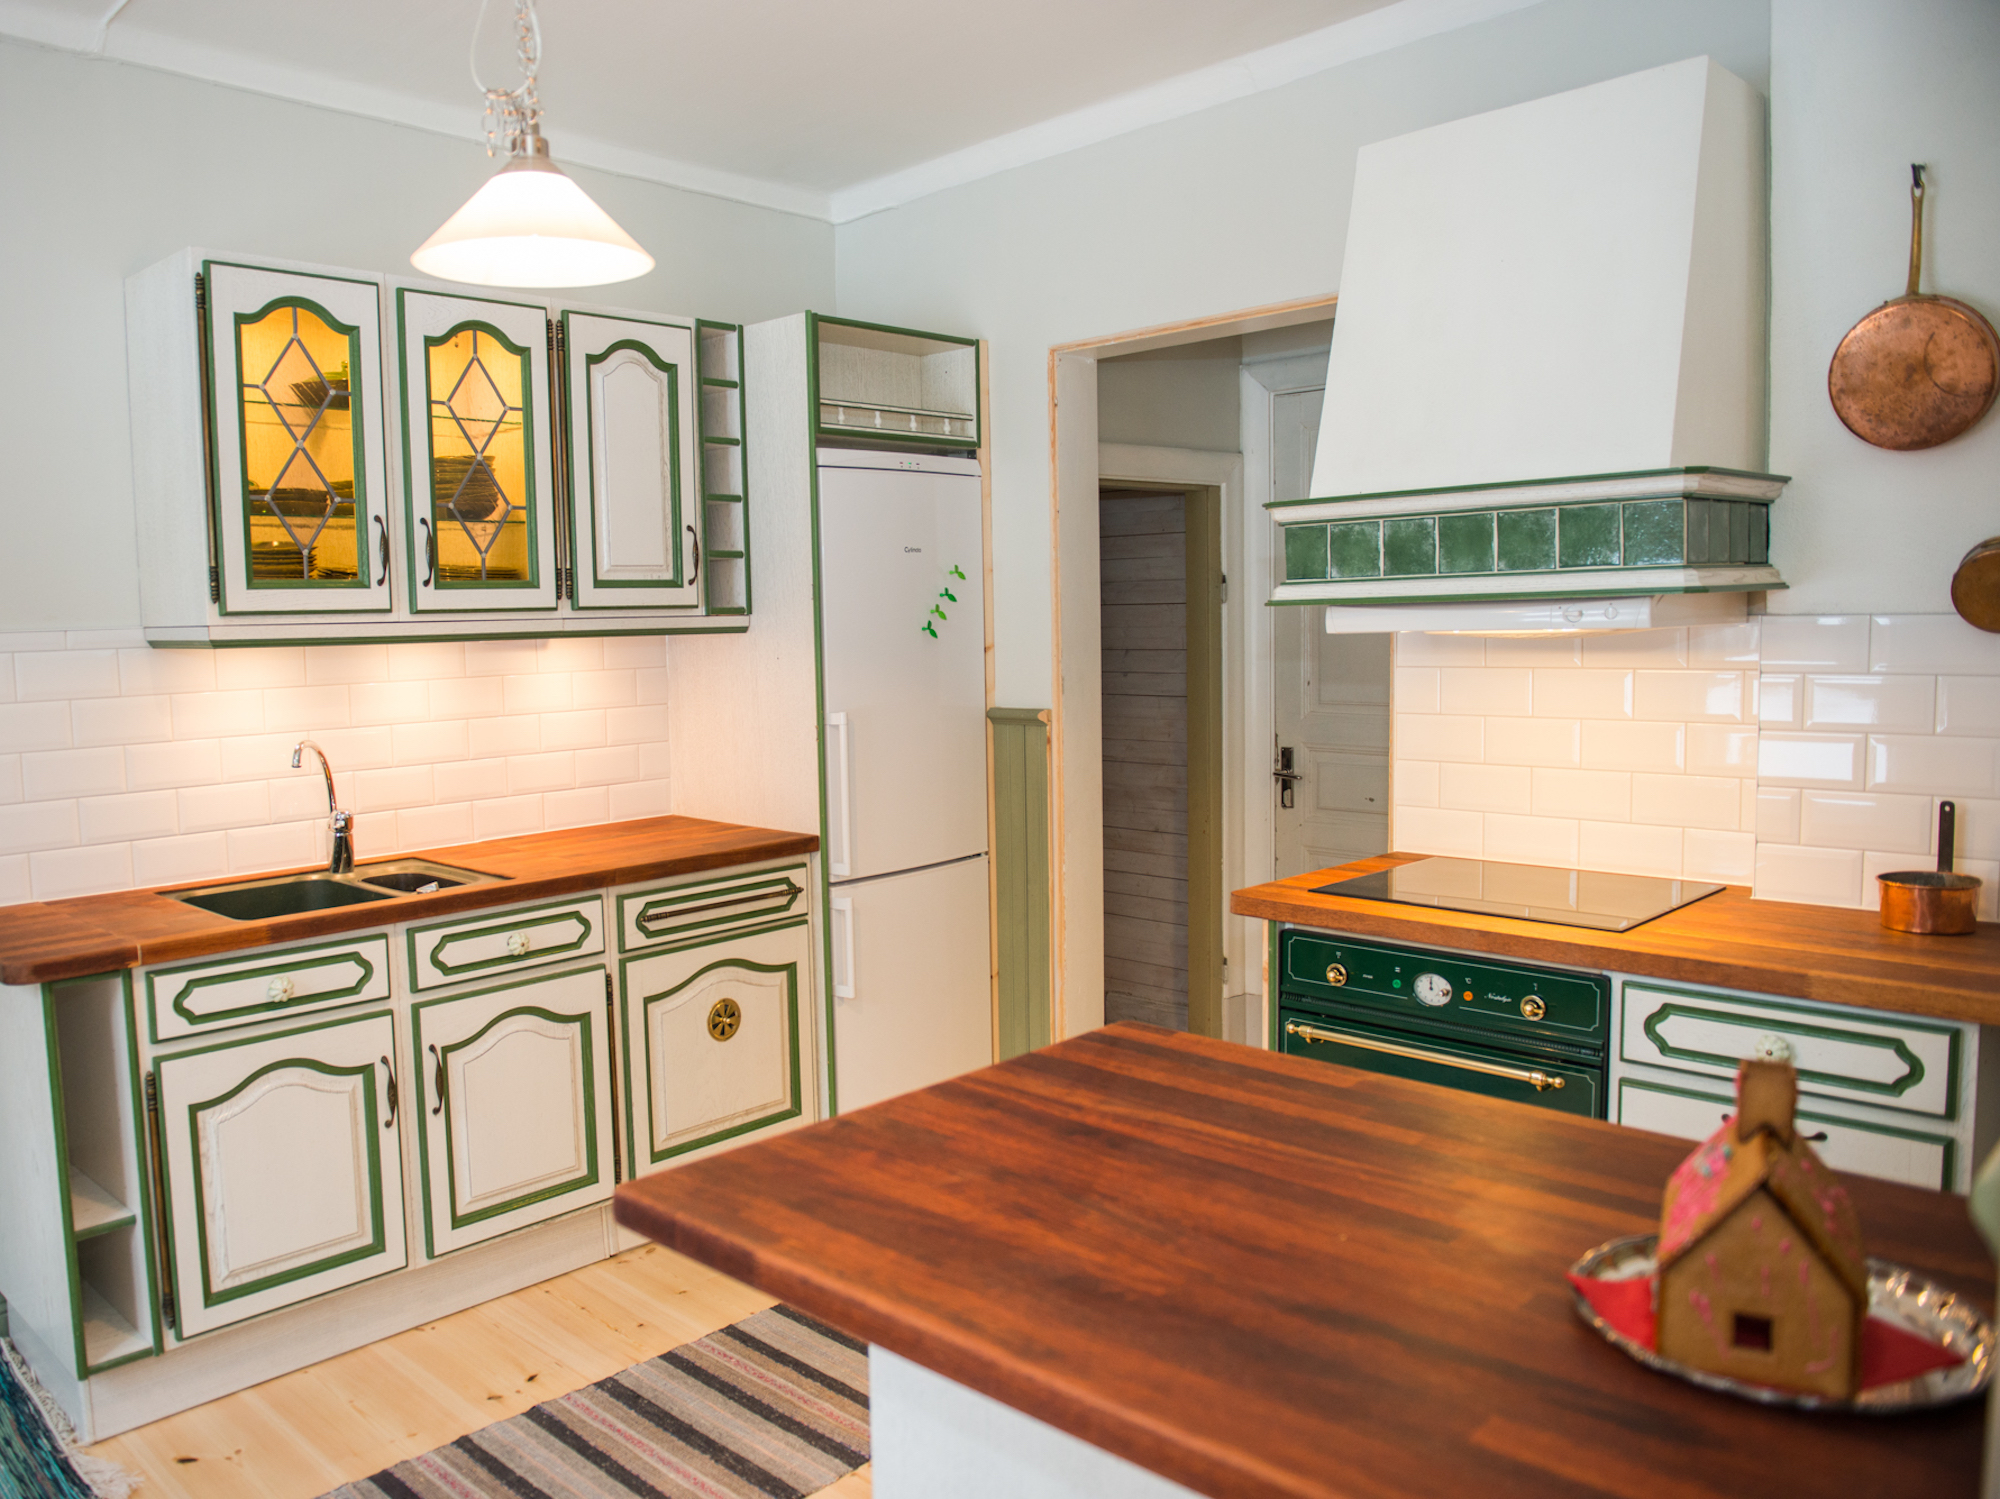 Lôkes 2, Gröna köket i Familjen Lindströms boning.